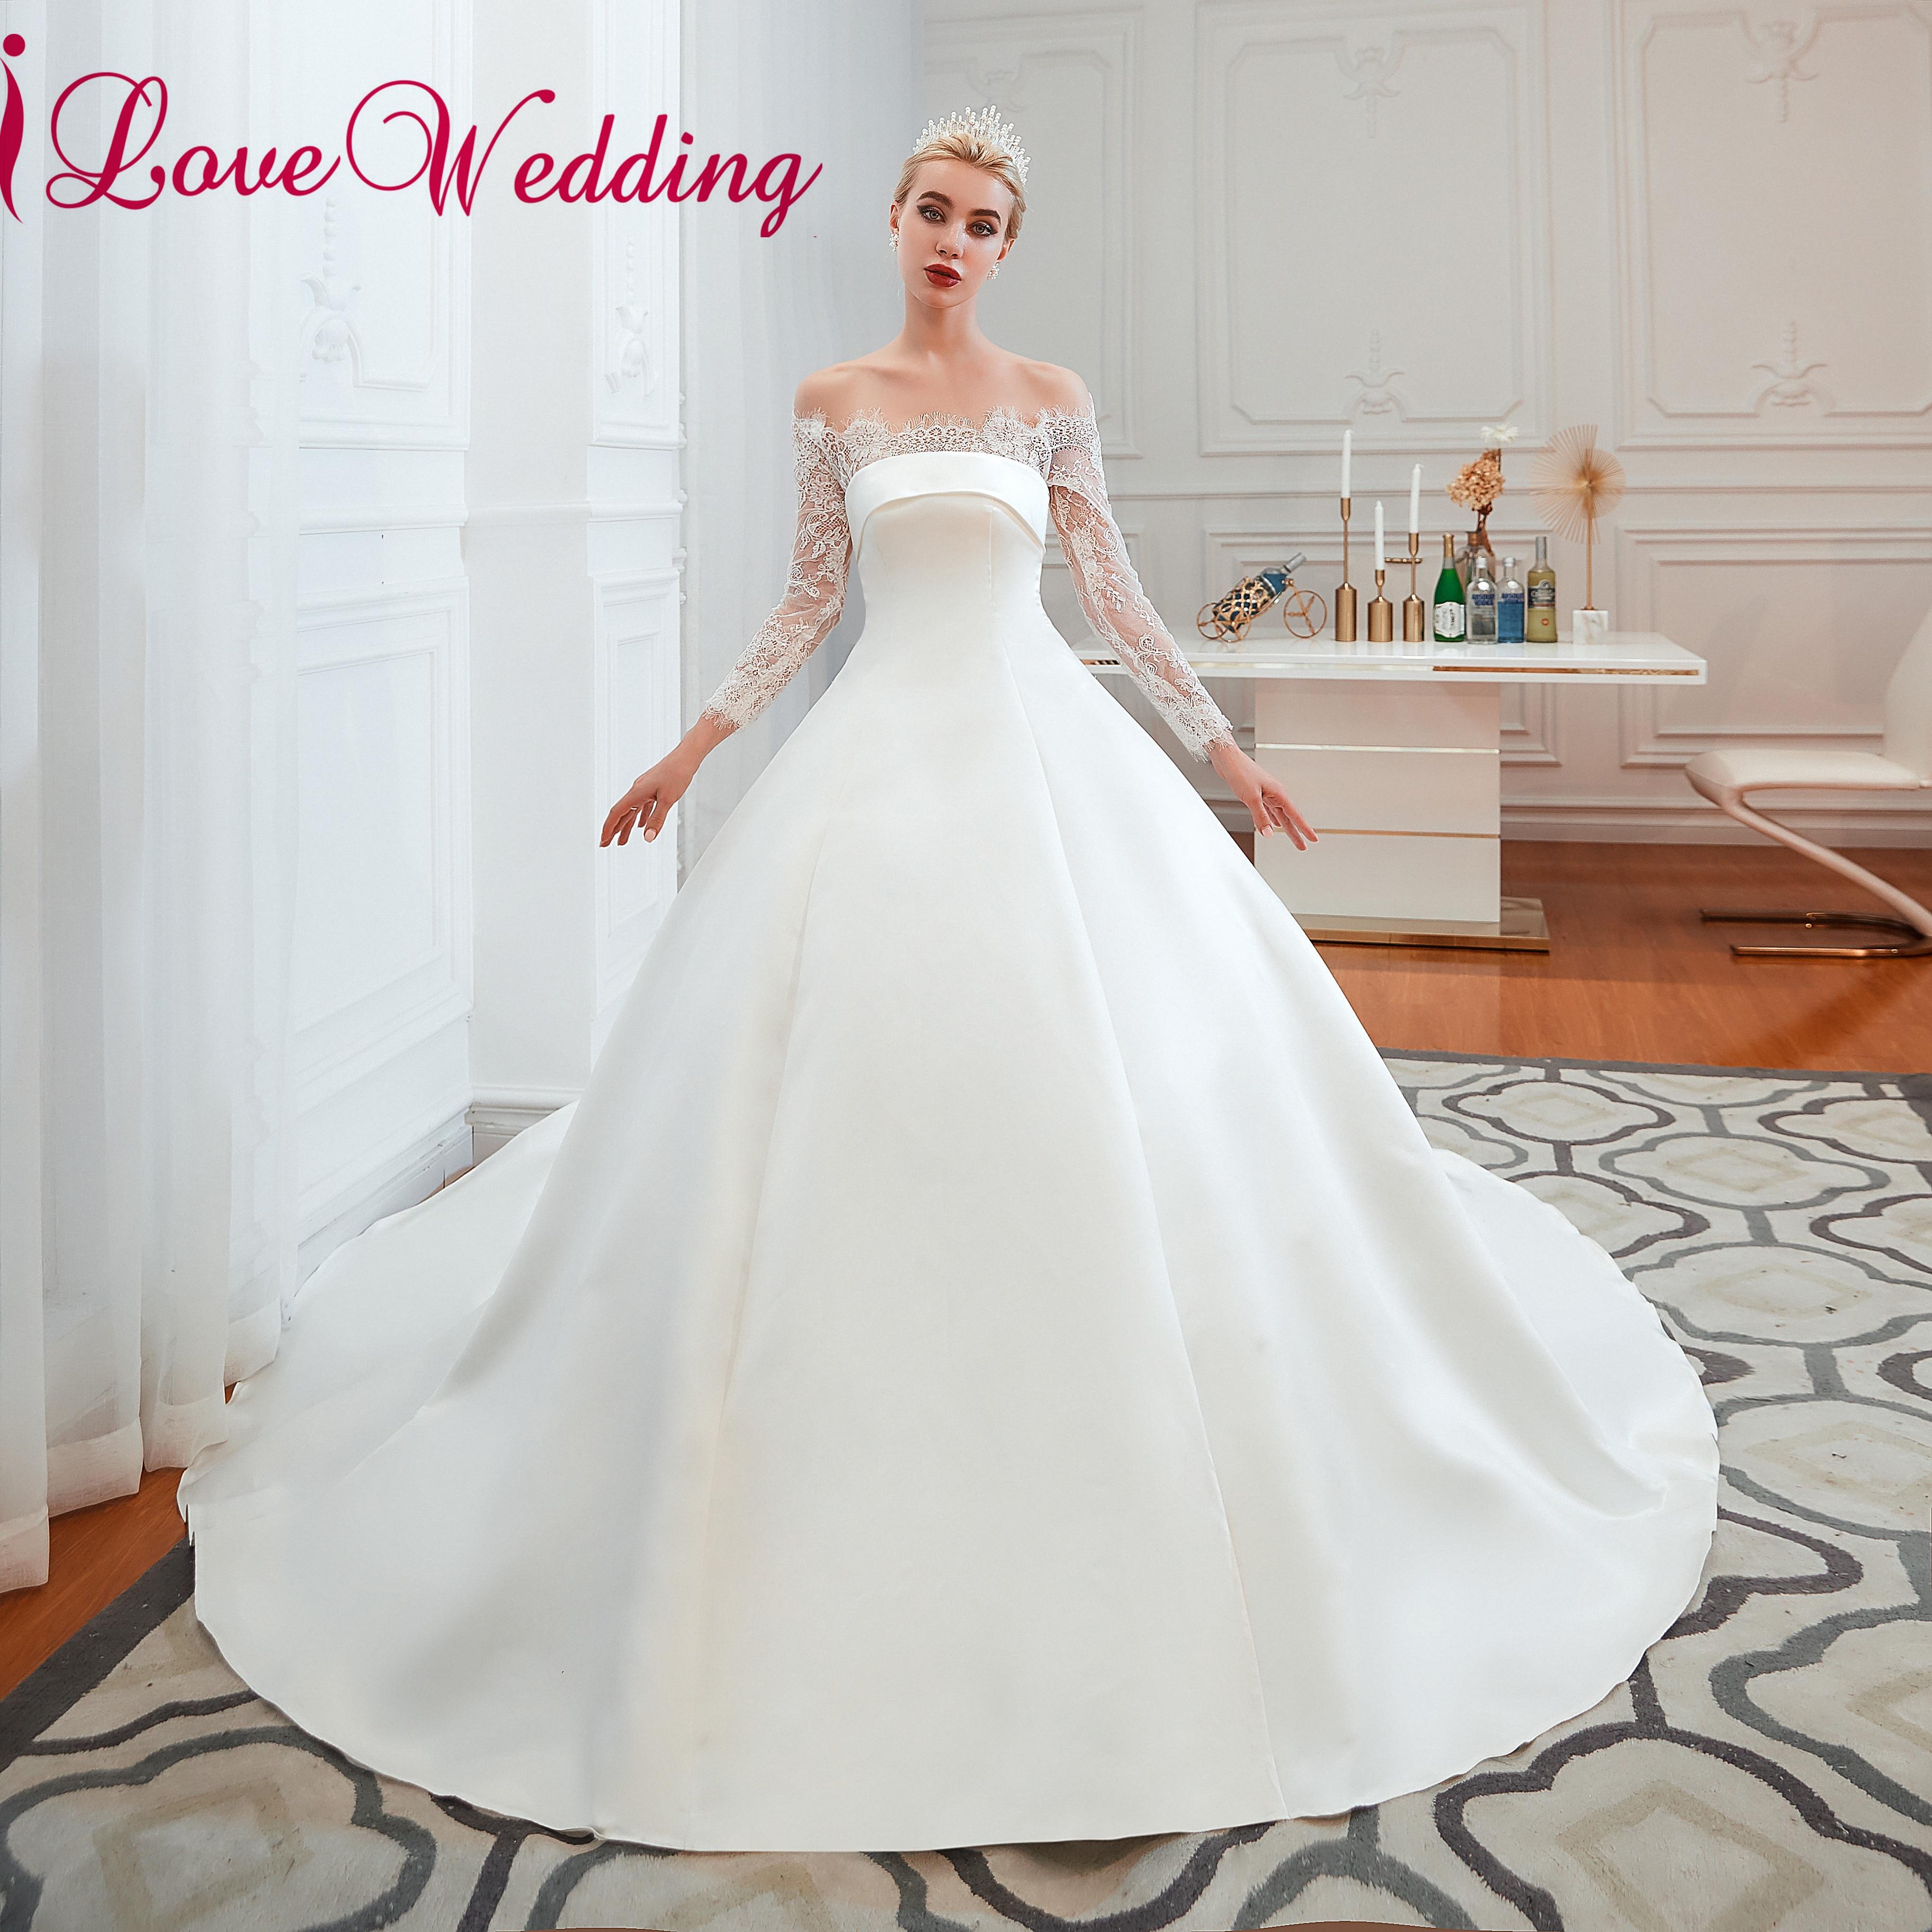 Nouvelle mode 2019 col bateau dentelle manches longues robe de mariée sur mesure Satin une ligne chapelle Train conception Simple robe de mariée